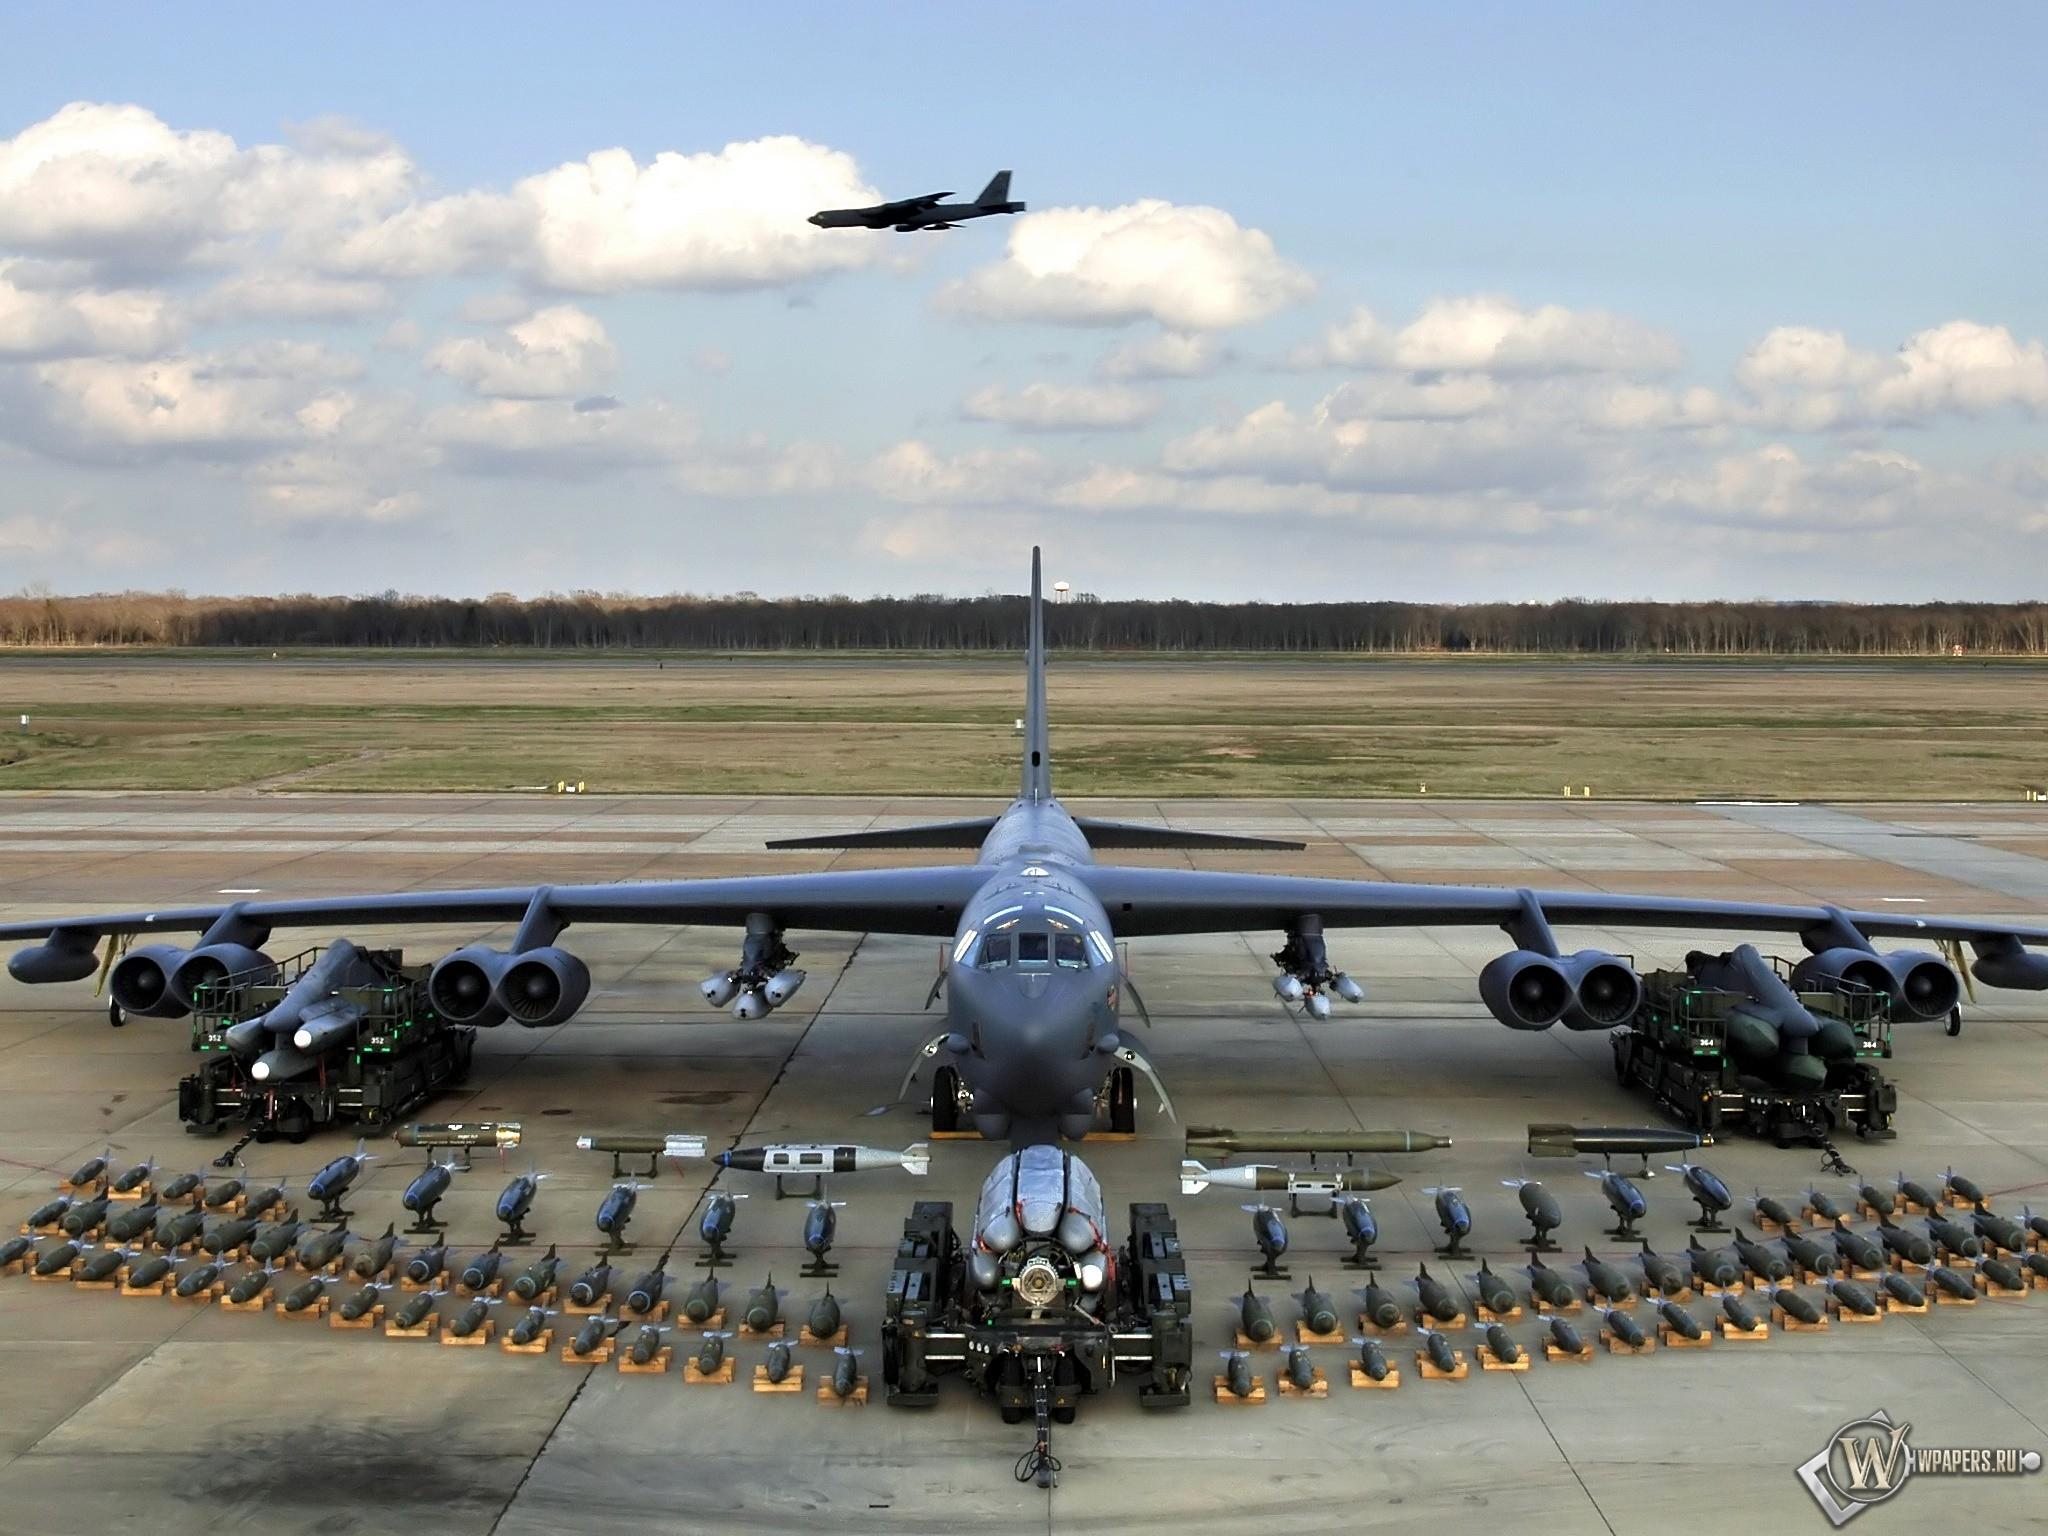 Бомбардировщик с полным боекмплектом 2048x1536